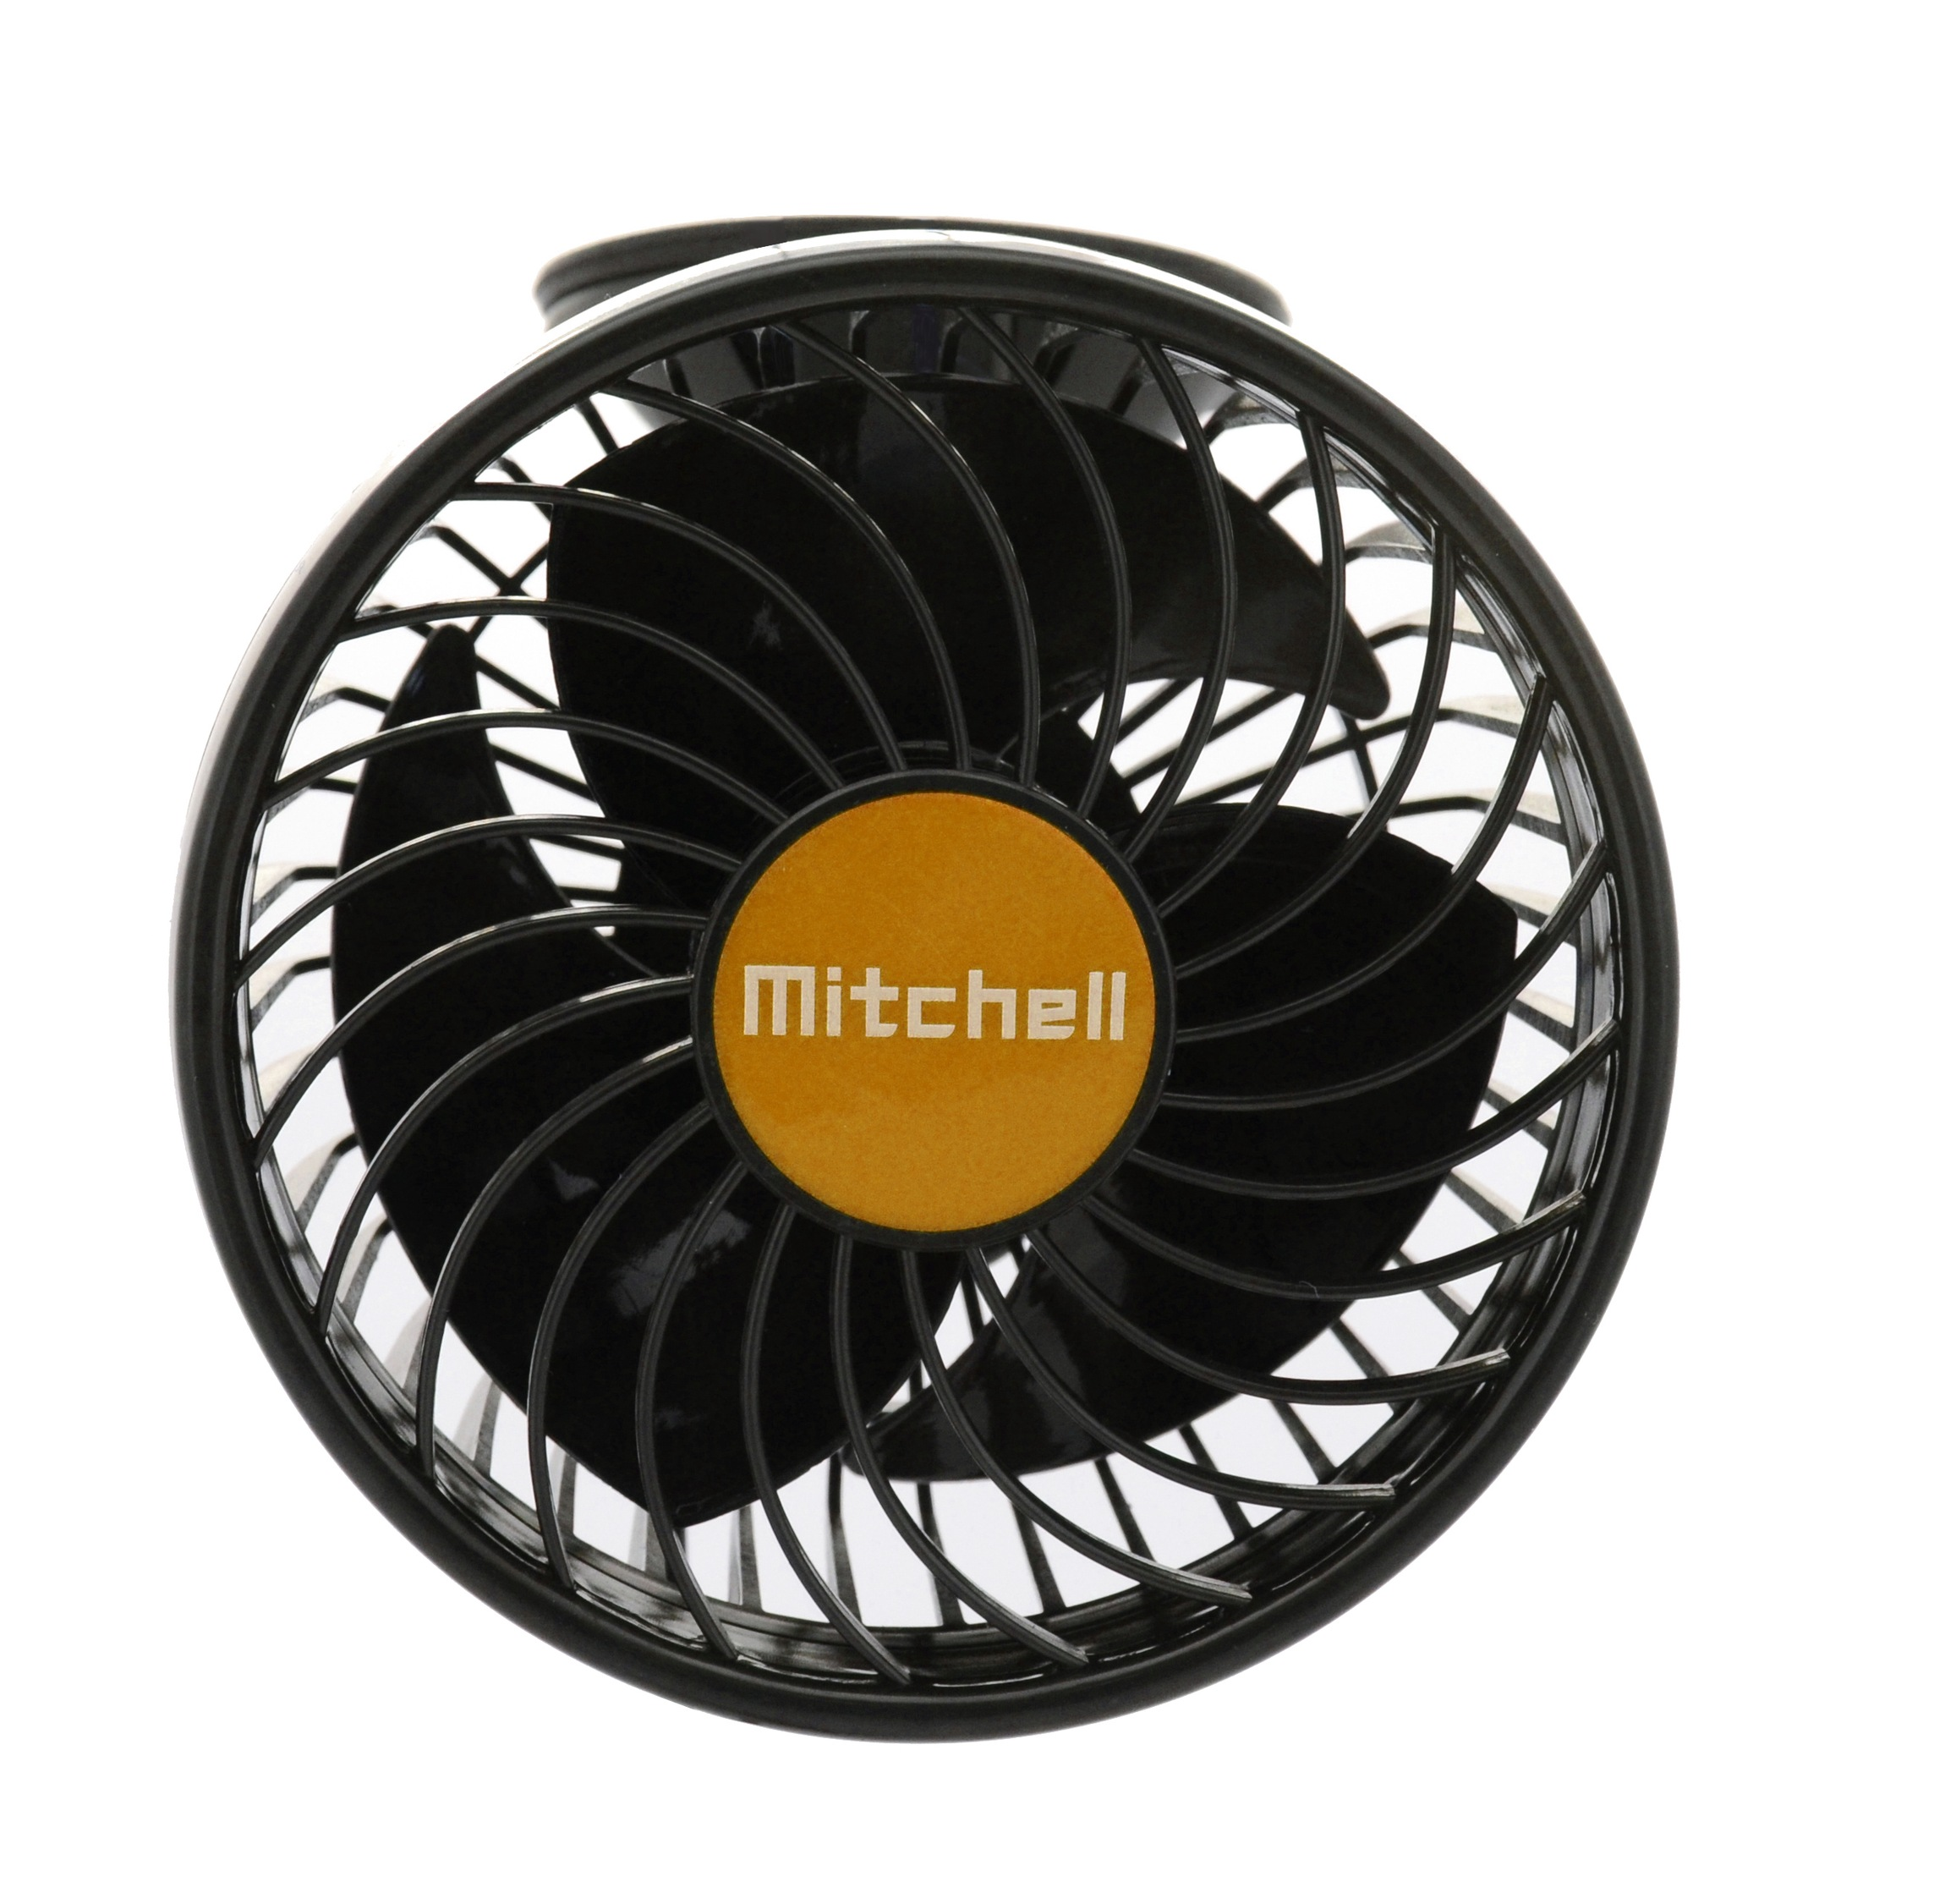 Ventilátor MITCHELL 115mm 24V na přísavku